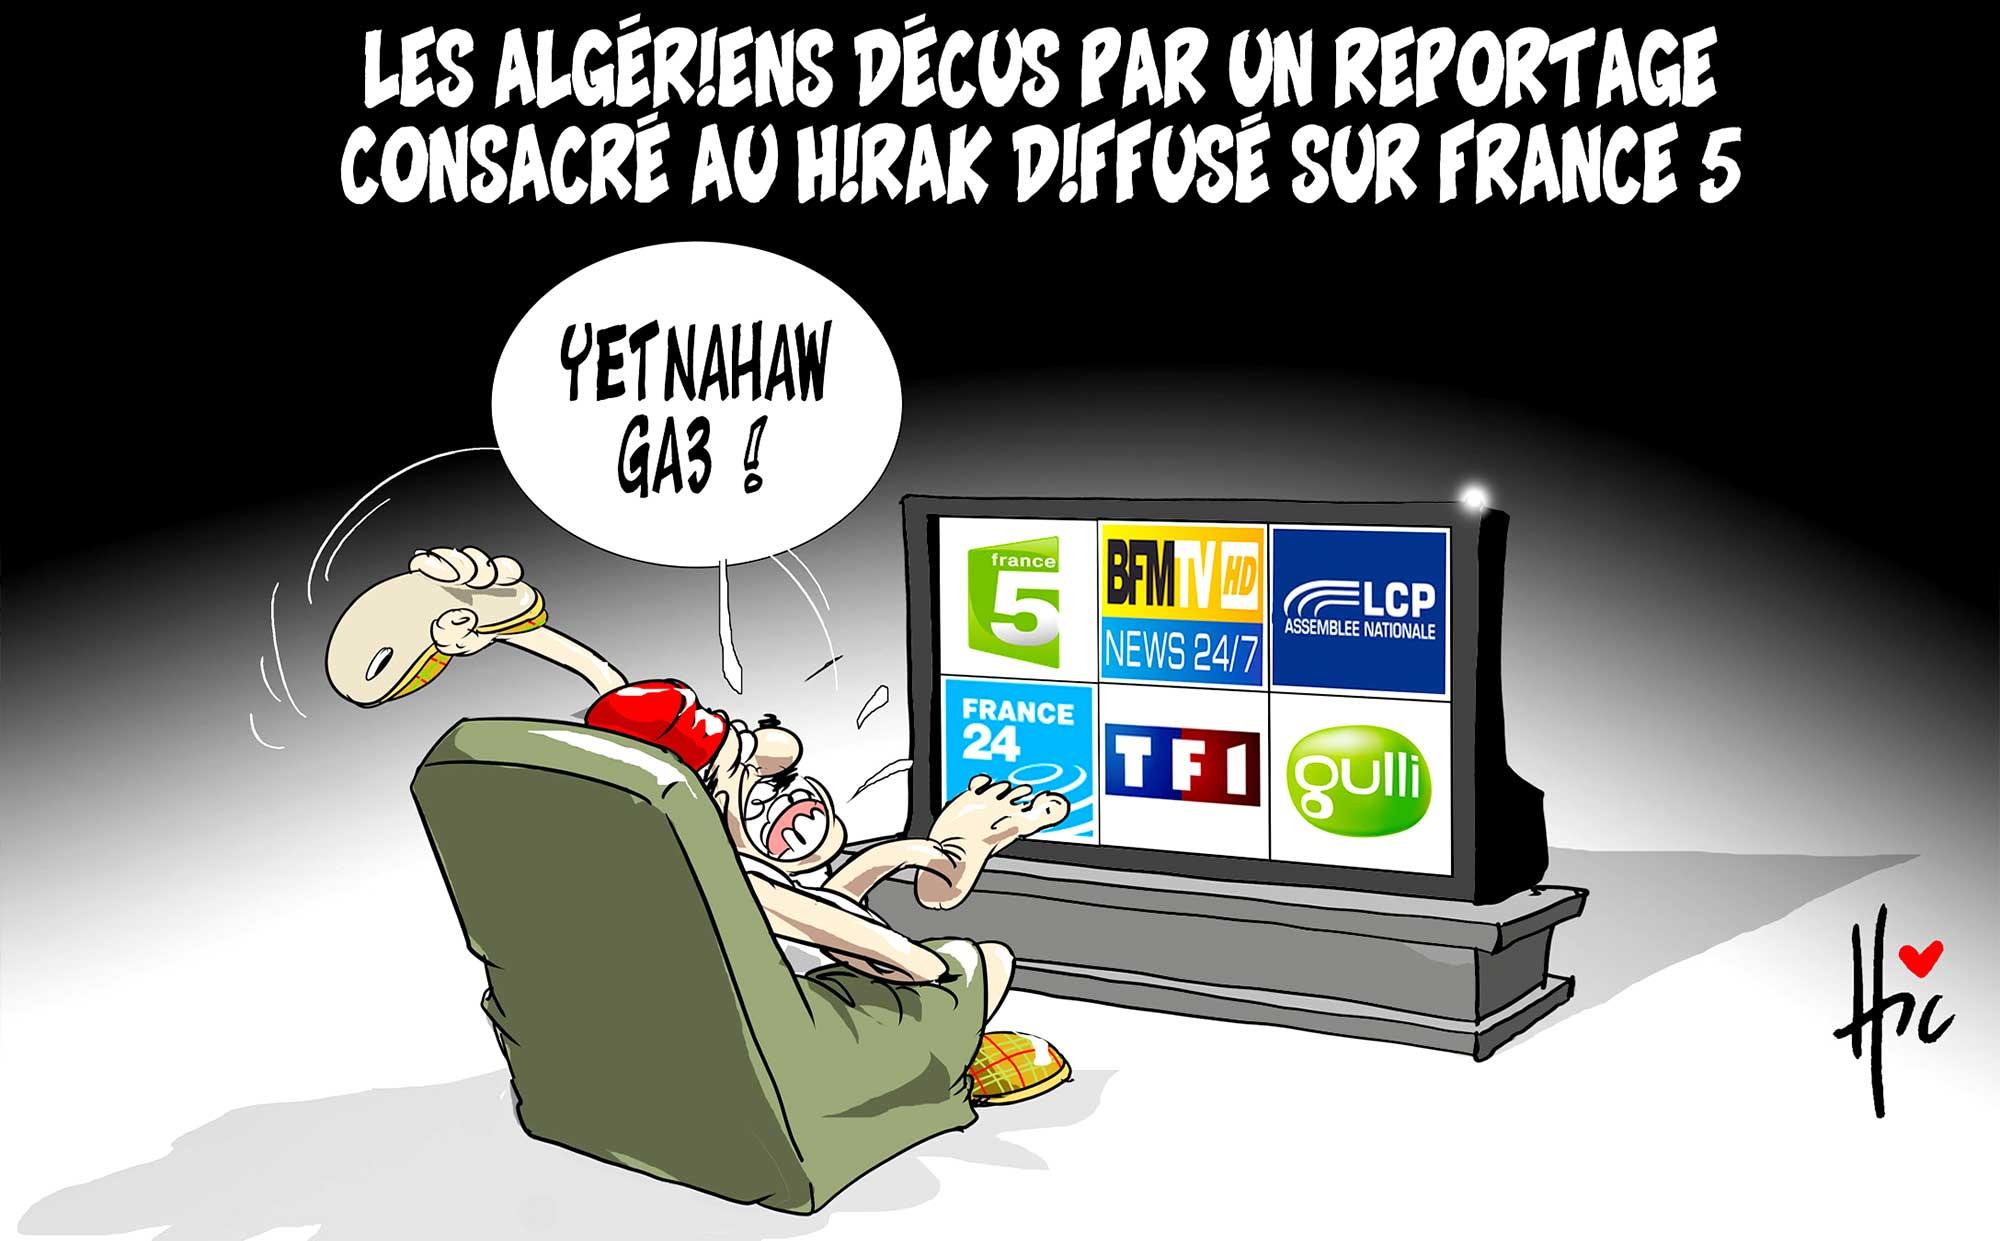 Les algériens déçus par un reportage consacré au hirak diffusé sur France 5 - Le Hic - El Watan - Gagdz.com